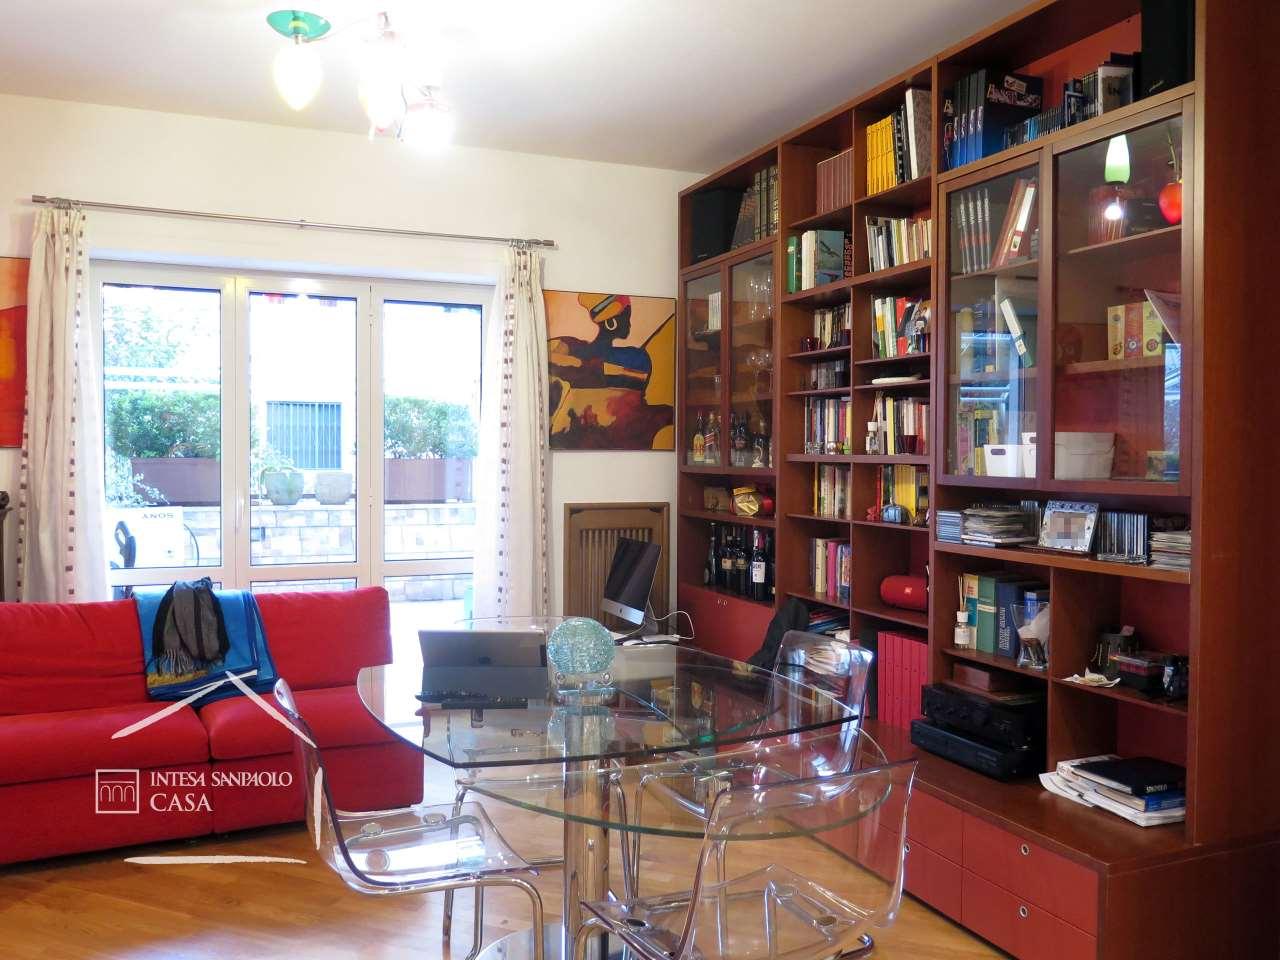 Appartamento in Vendita a Napoli: 4 locali, 121 mq - Foto 2